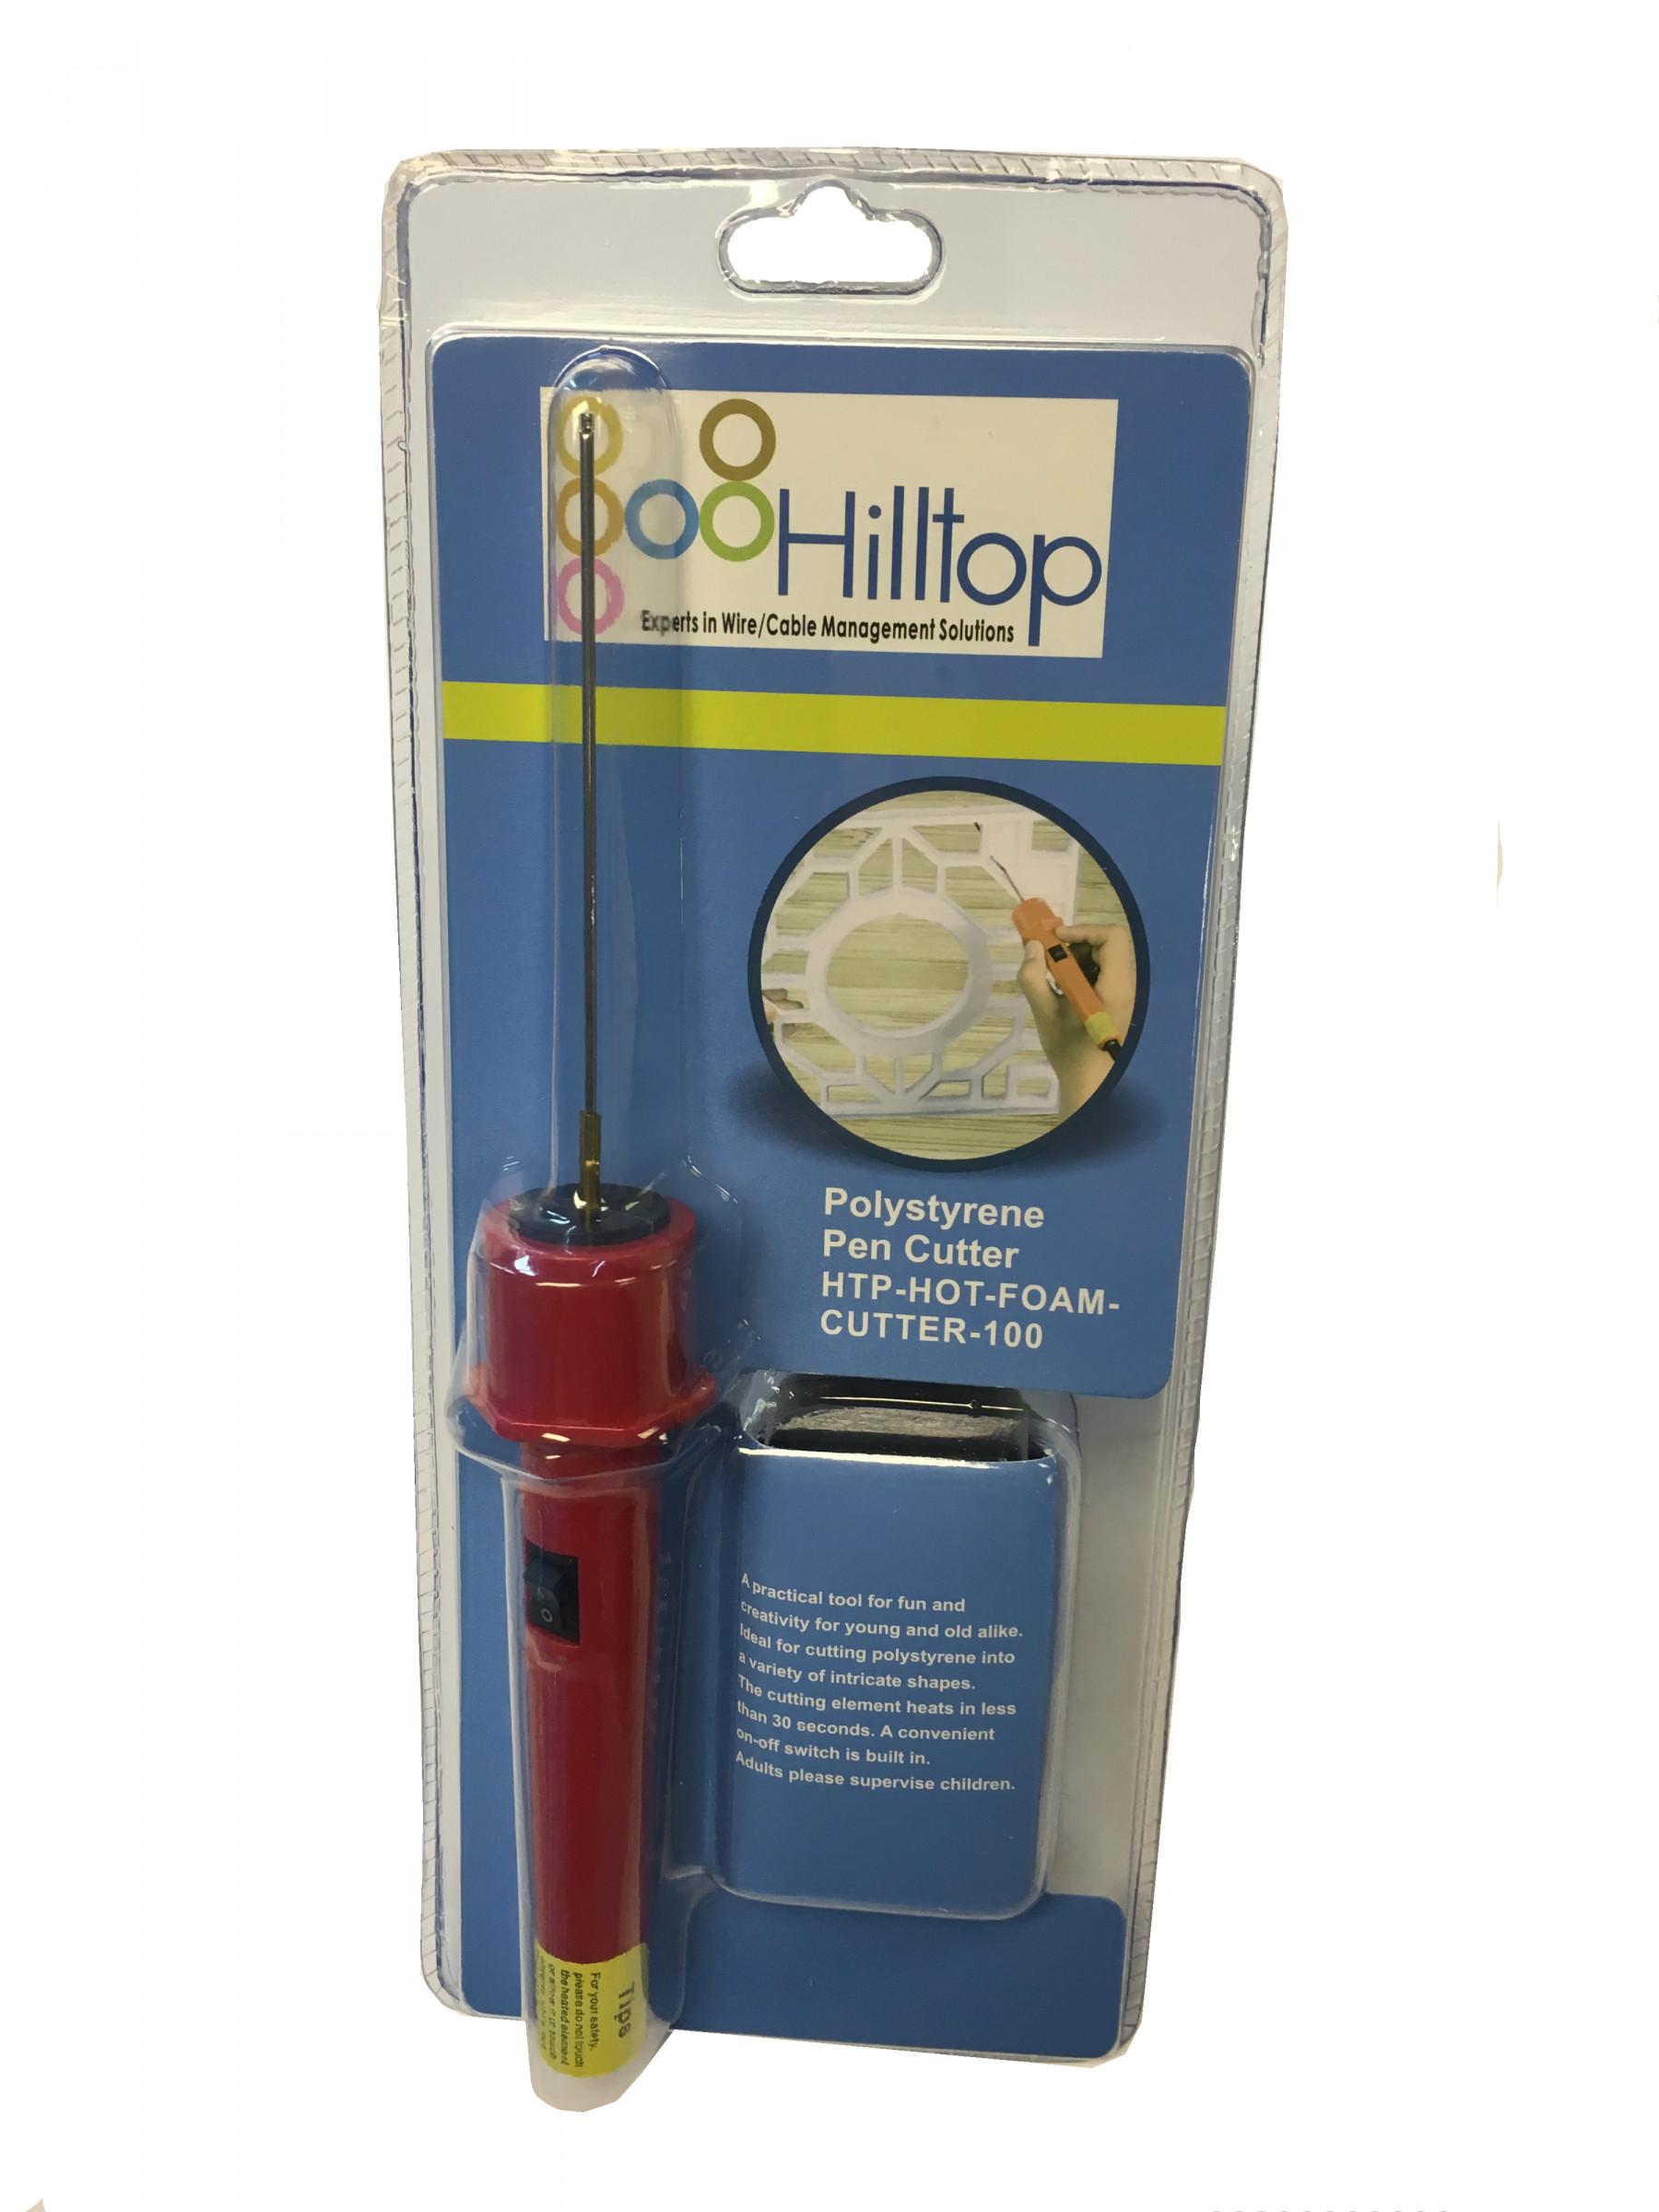 Hot Foam Cutter 100 | Hilltop